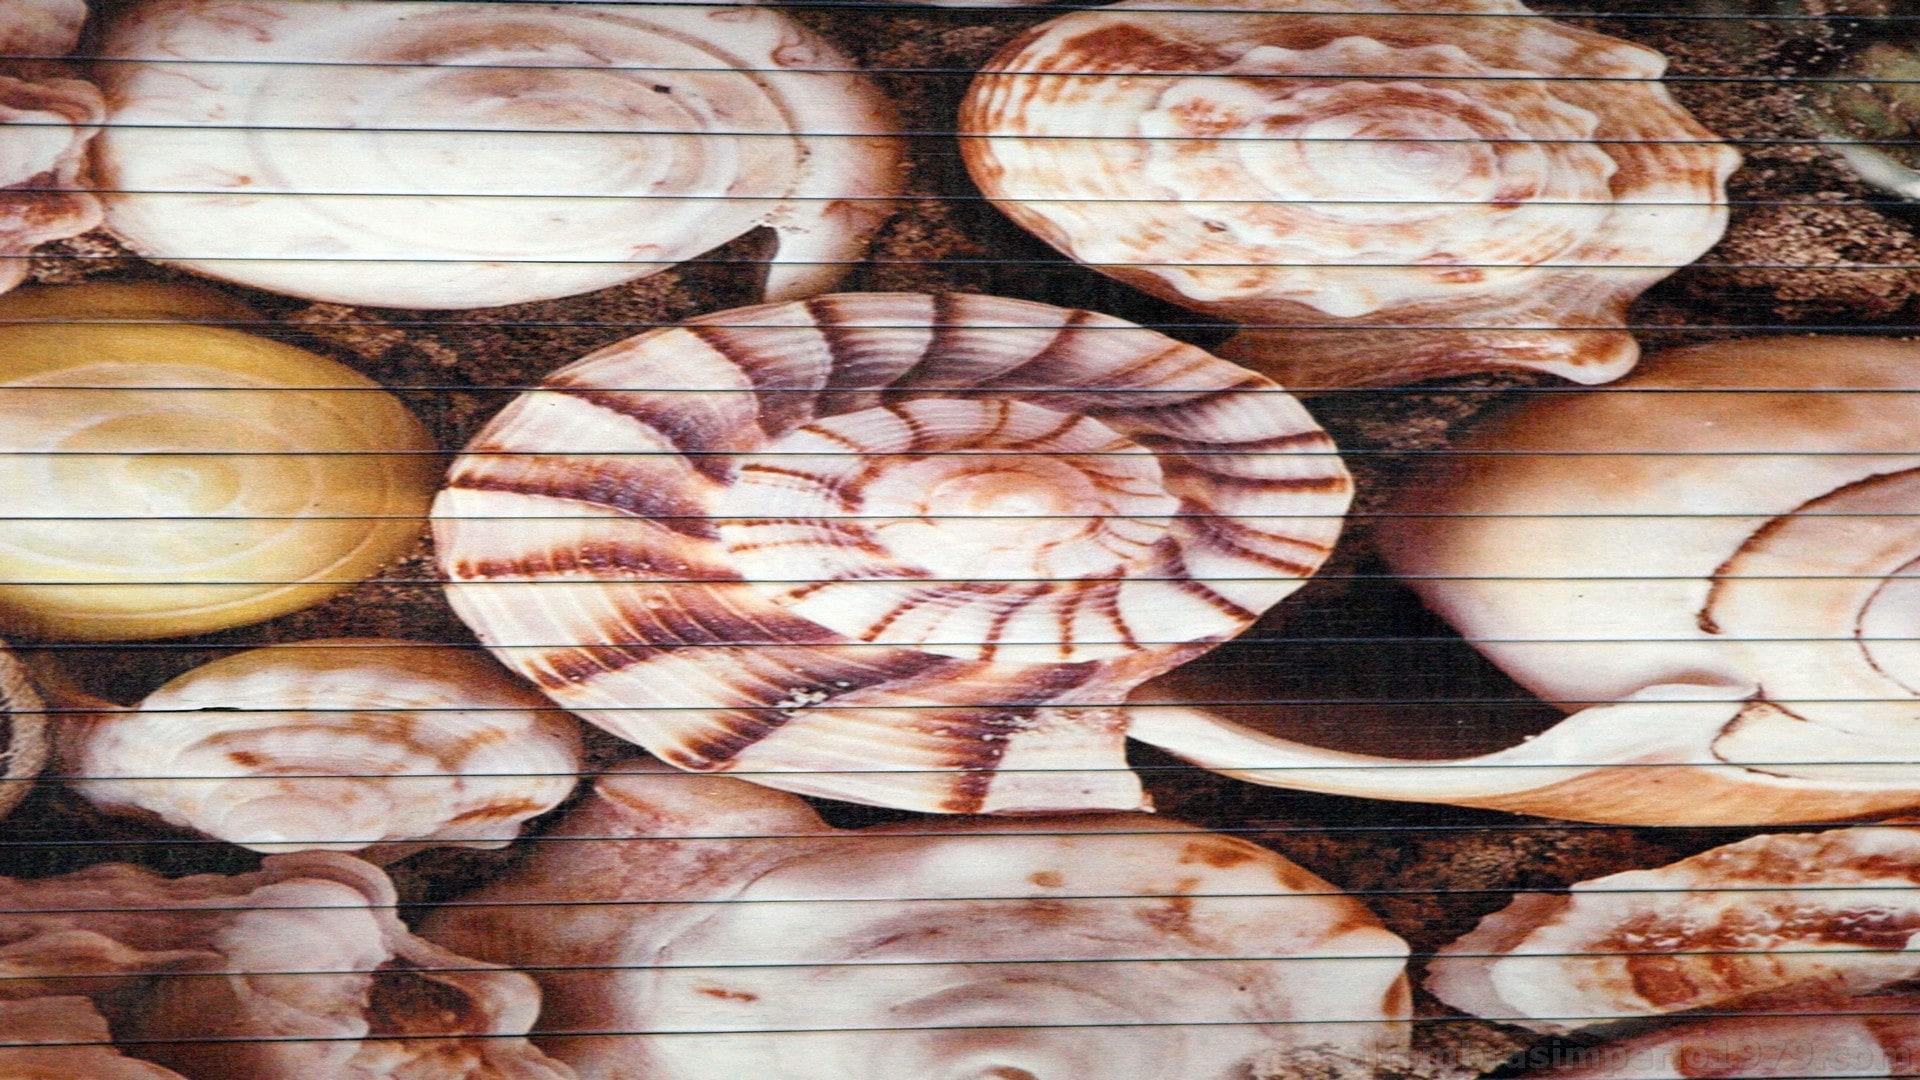 Alfombras bambu a medida beautiful alfombra de bamb - Alfombras de bambu a medida ...